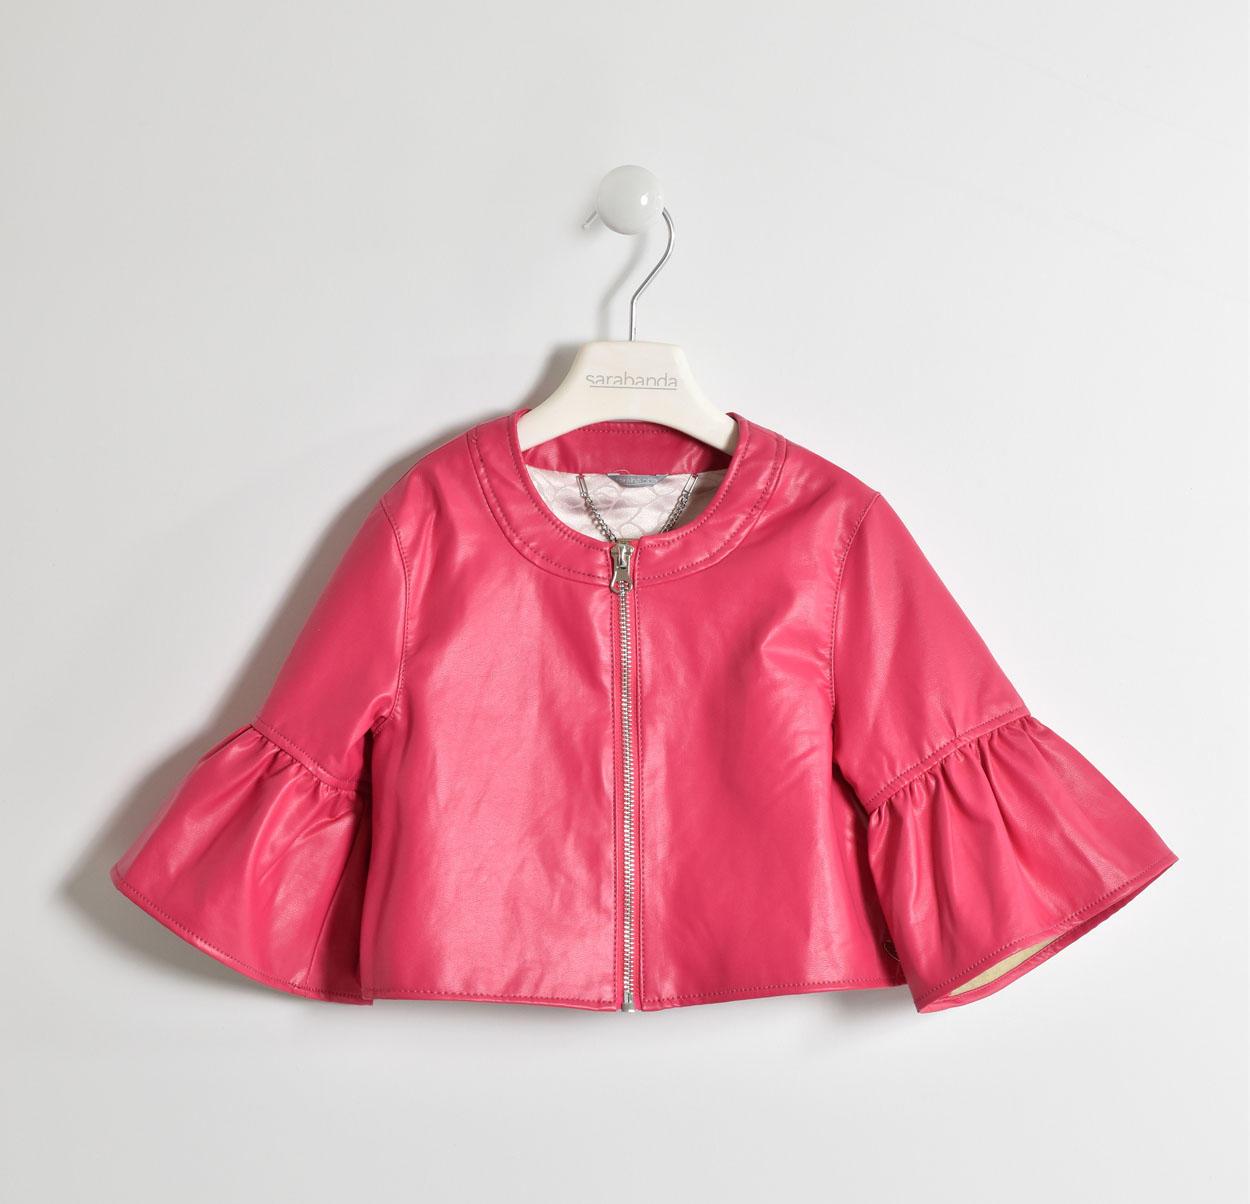 innovative design 84195 ad028 Giubbotto in eco pelle taglio chanel per bambina da 6 a 16 anni Sarabanda